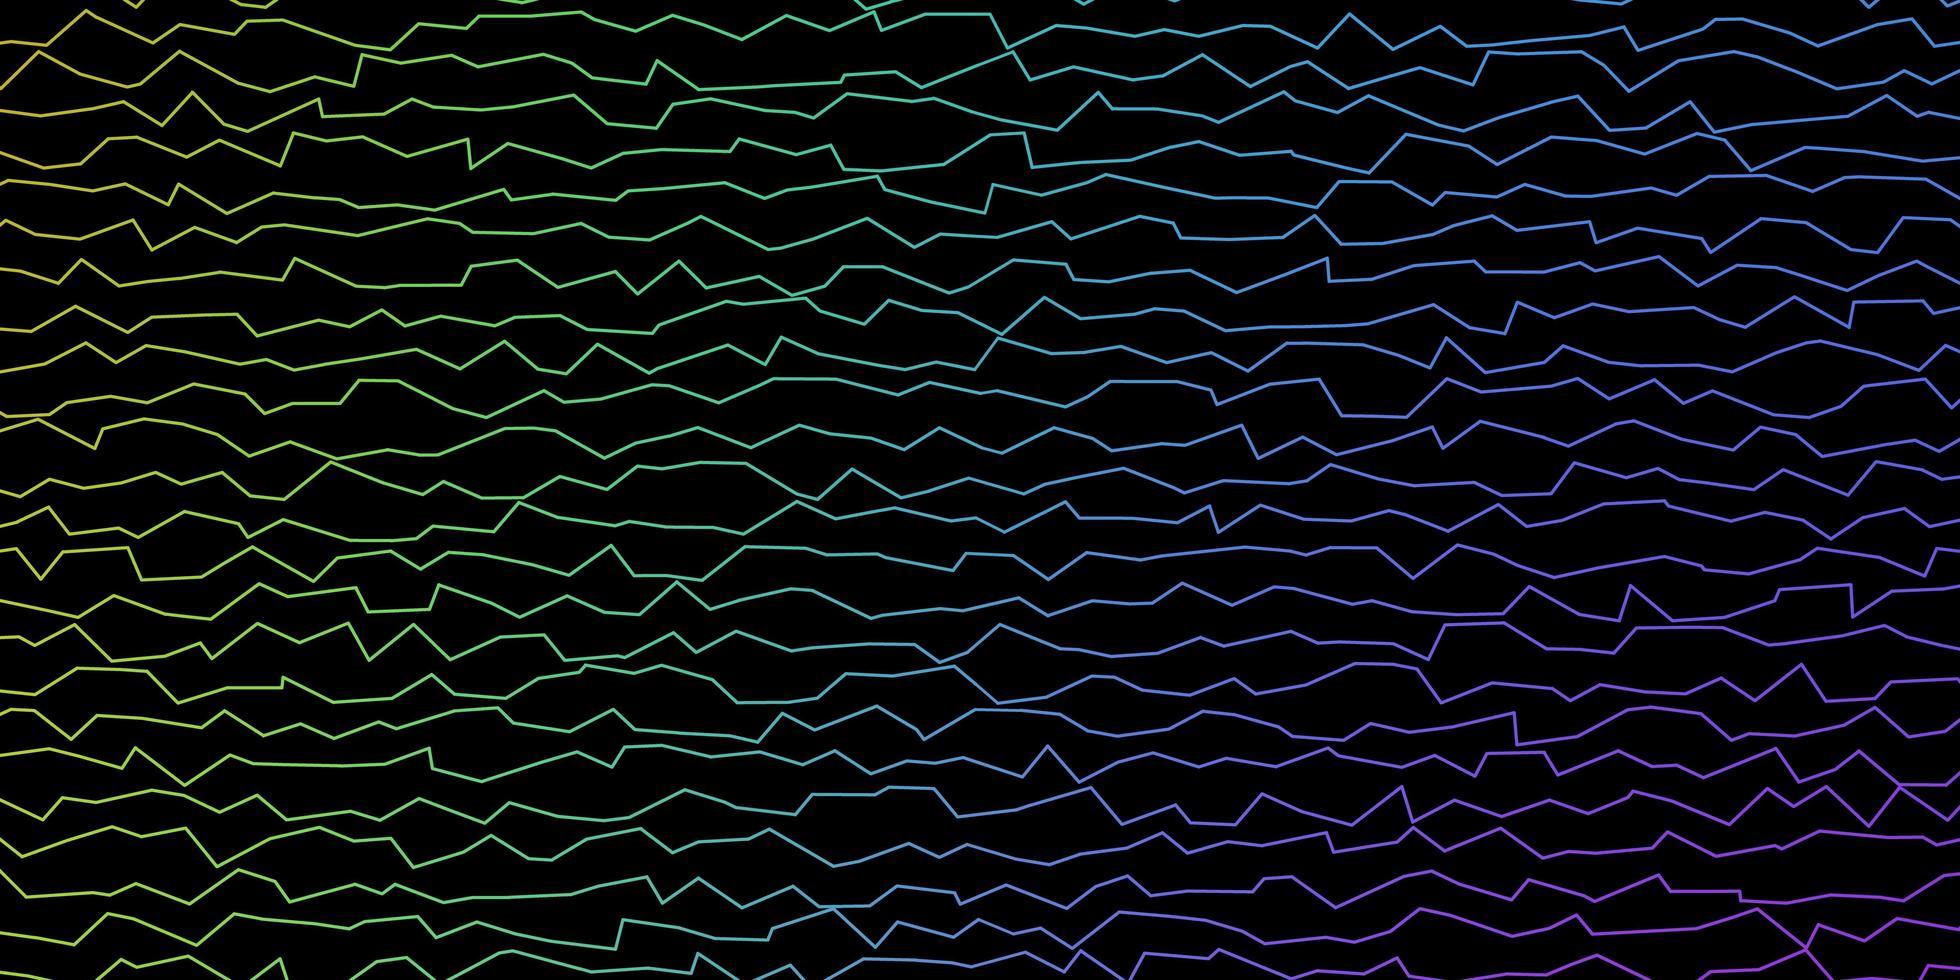 padrão de vetor multicolor escuro com linhas curvas.